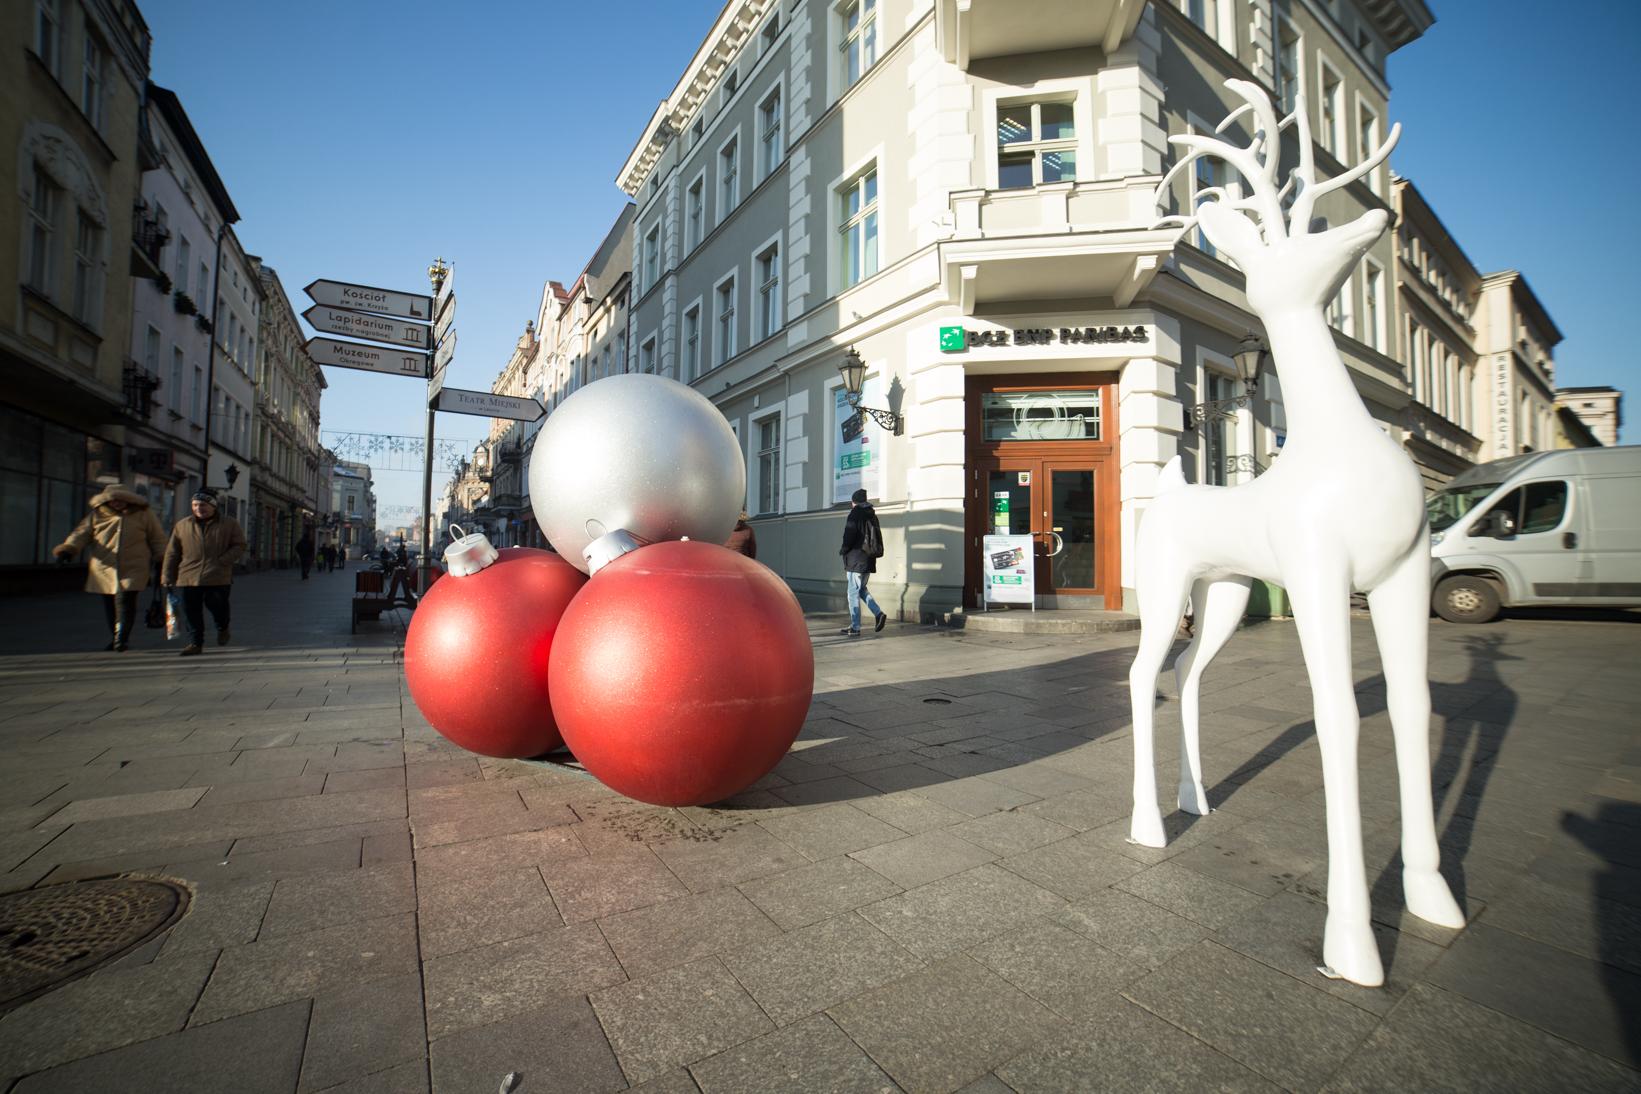 rudolf świąteczne dekoracje dla miast